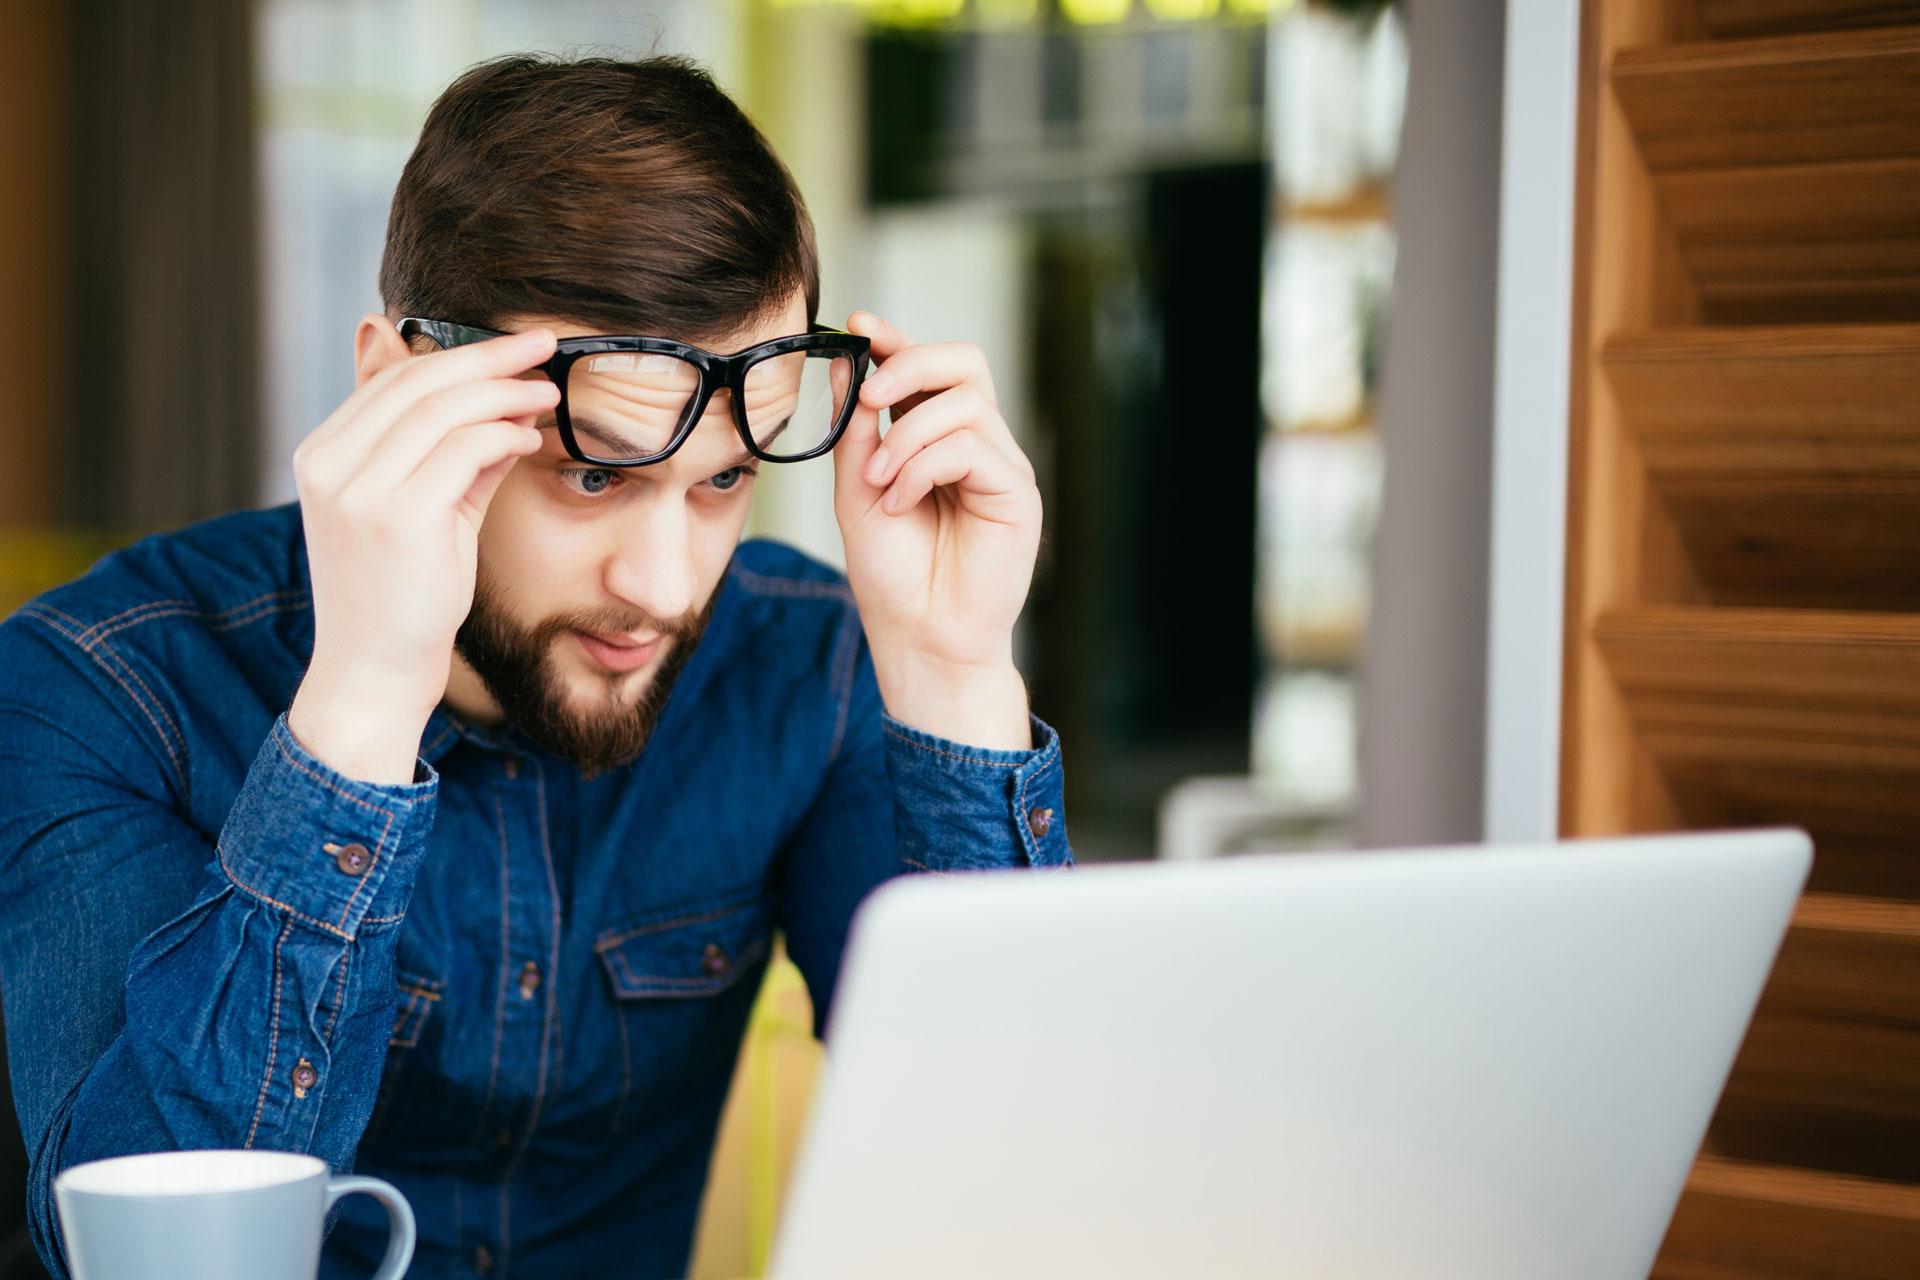 3fce77453a4f95 Problemen met zien ondanks een nieuwe bril